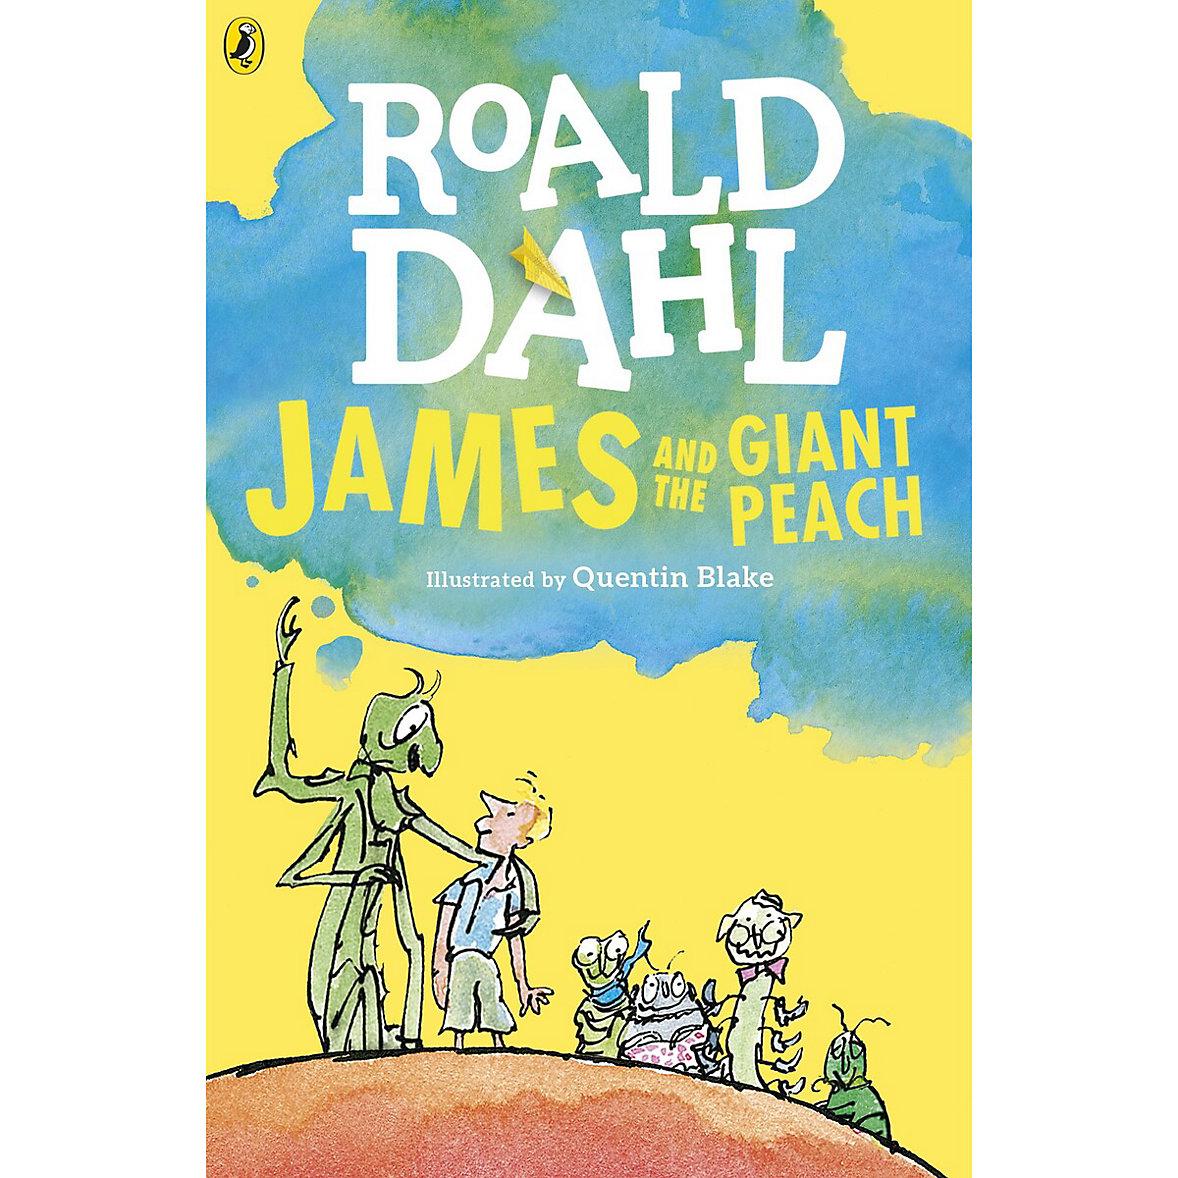 James and the Giant Peach - Roald Dahl